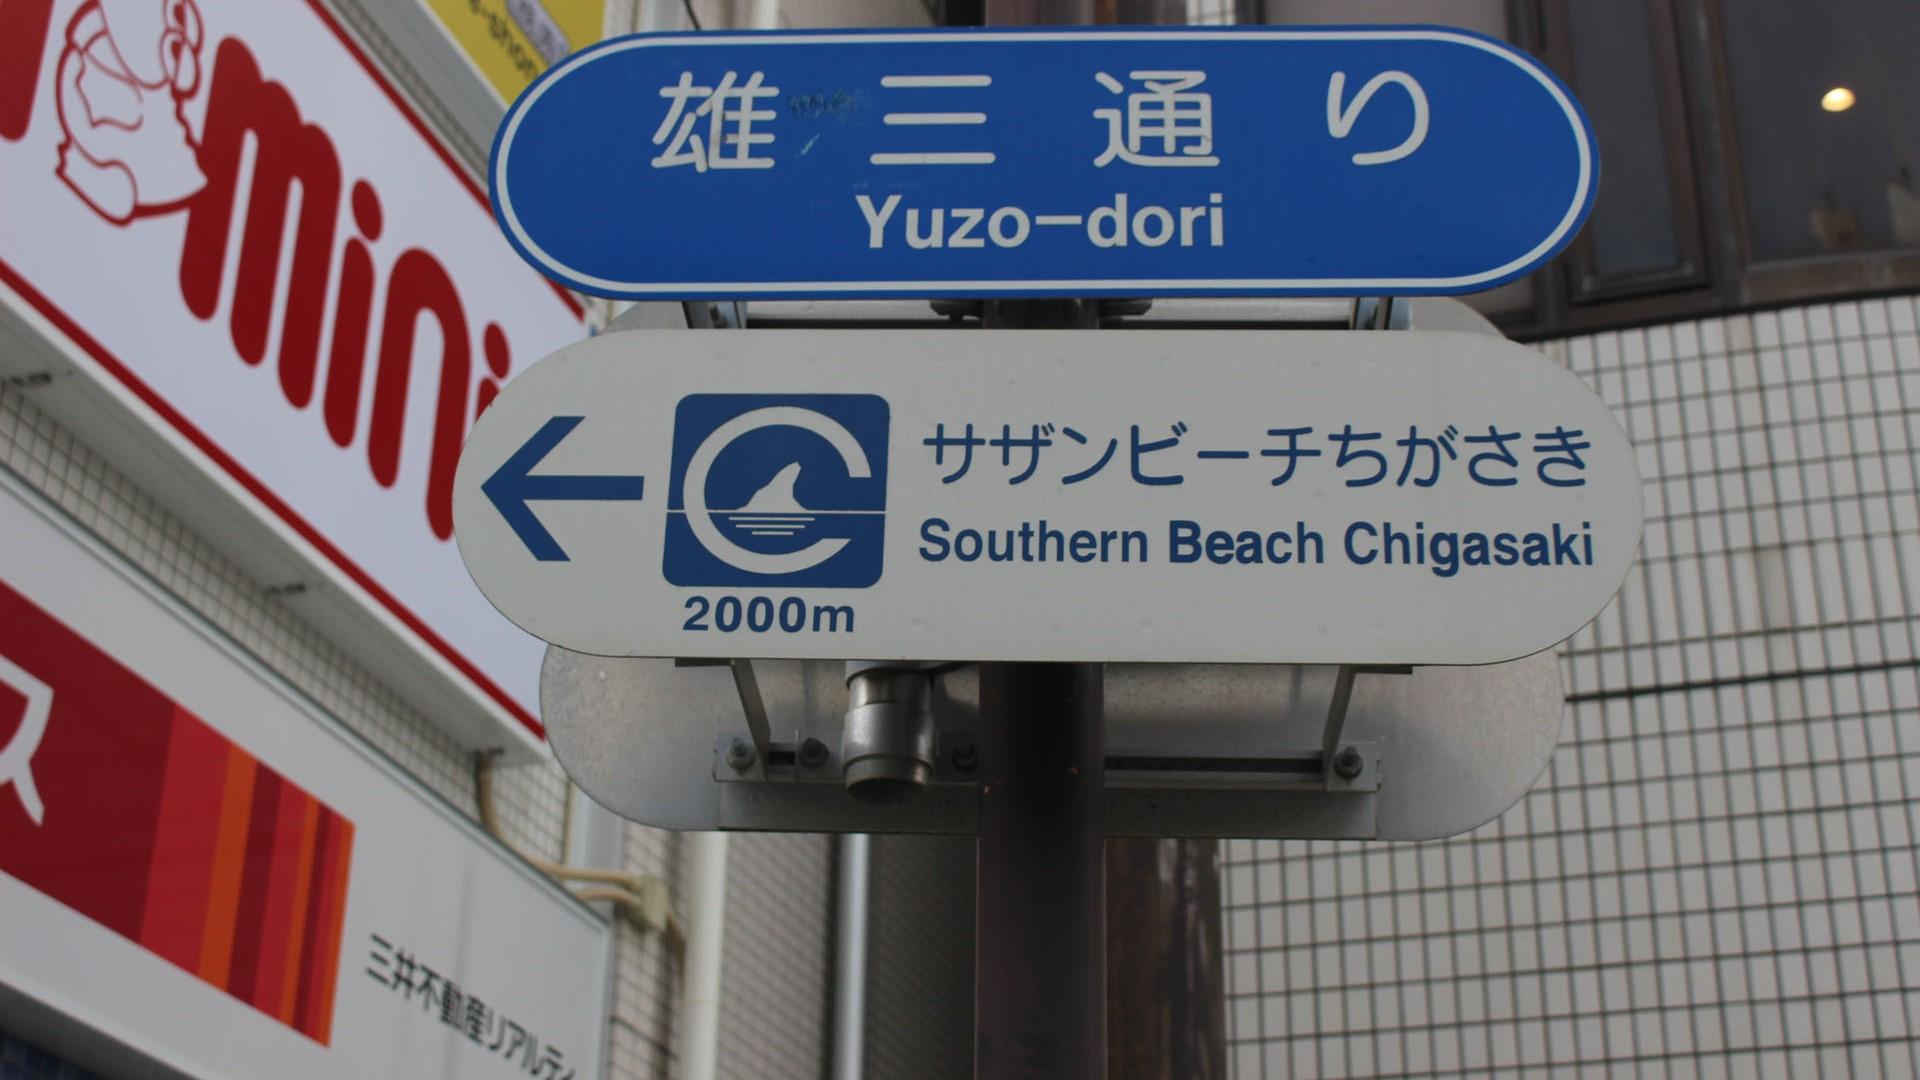 ยุโซะ-โดะริ